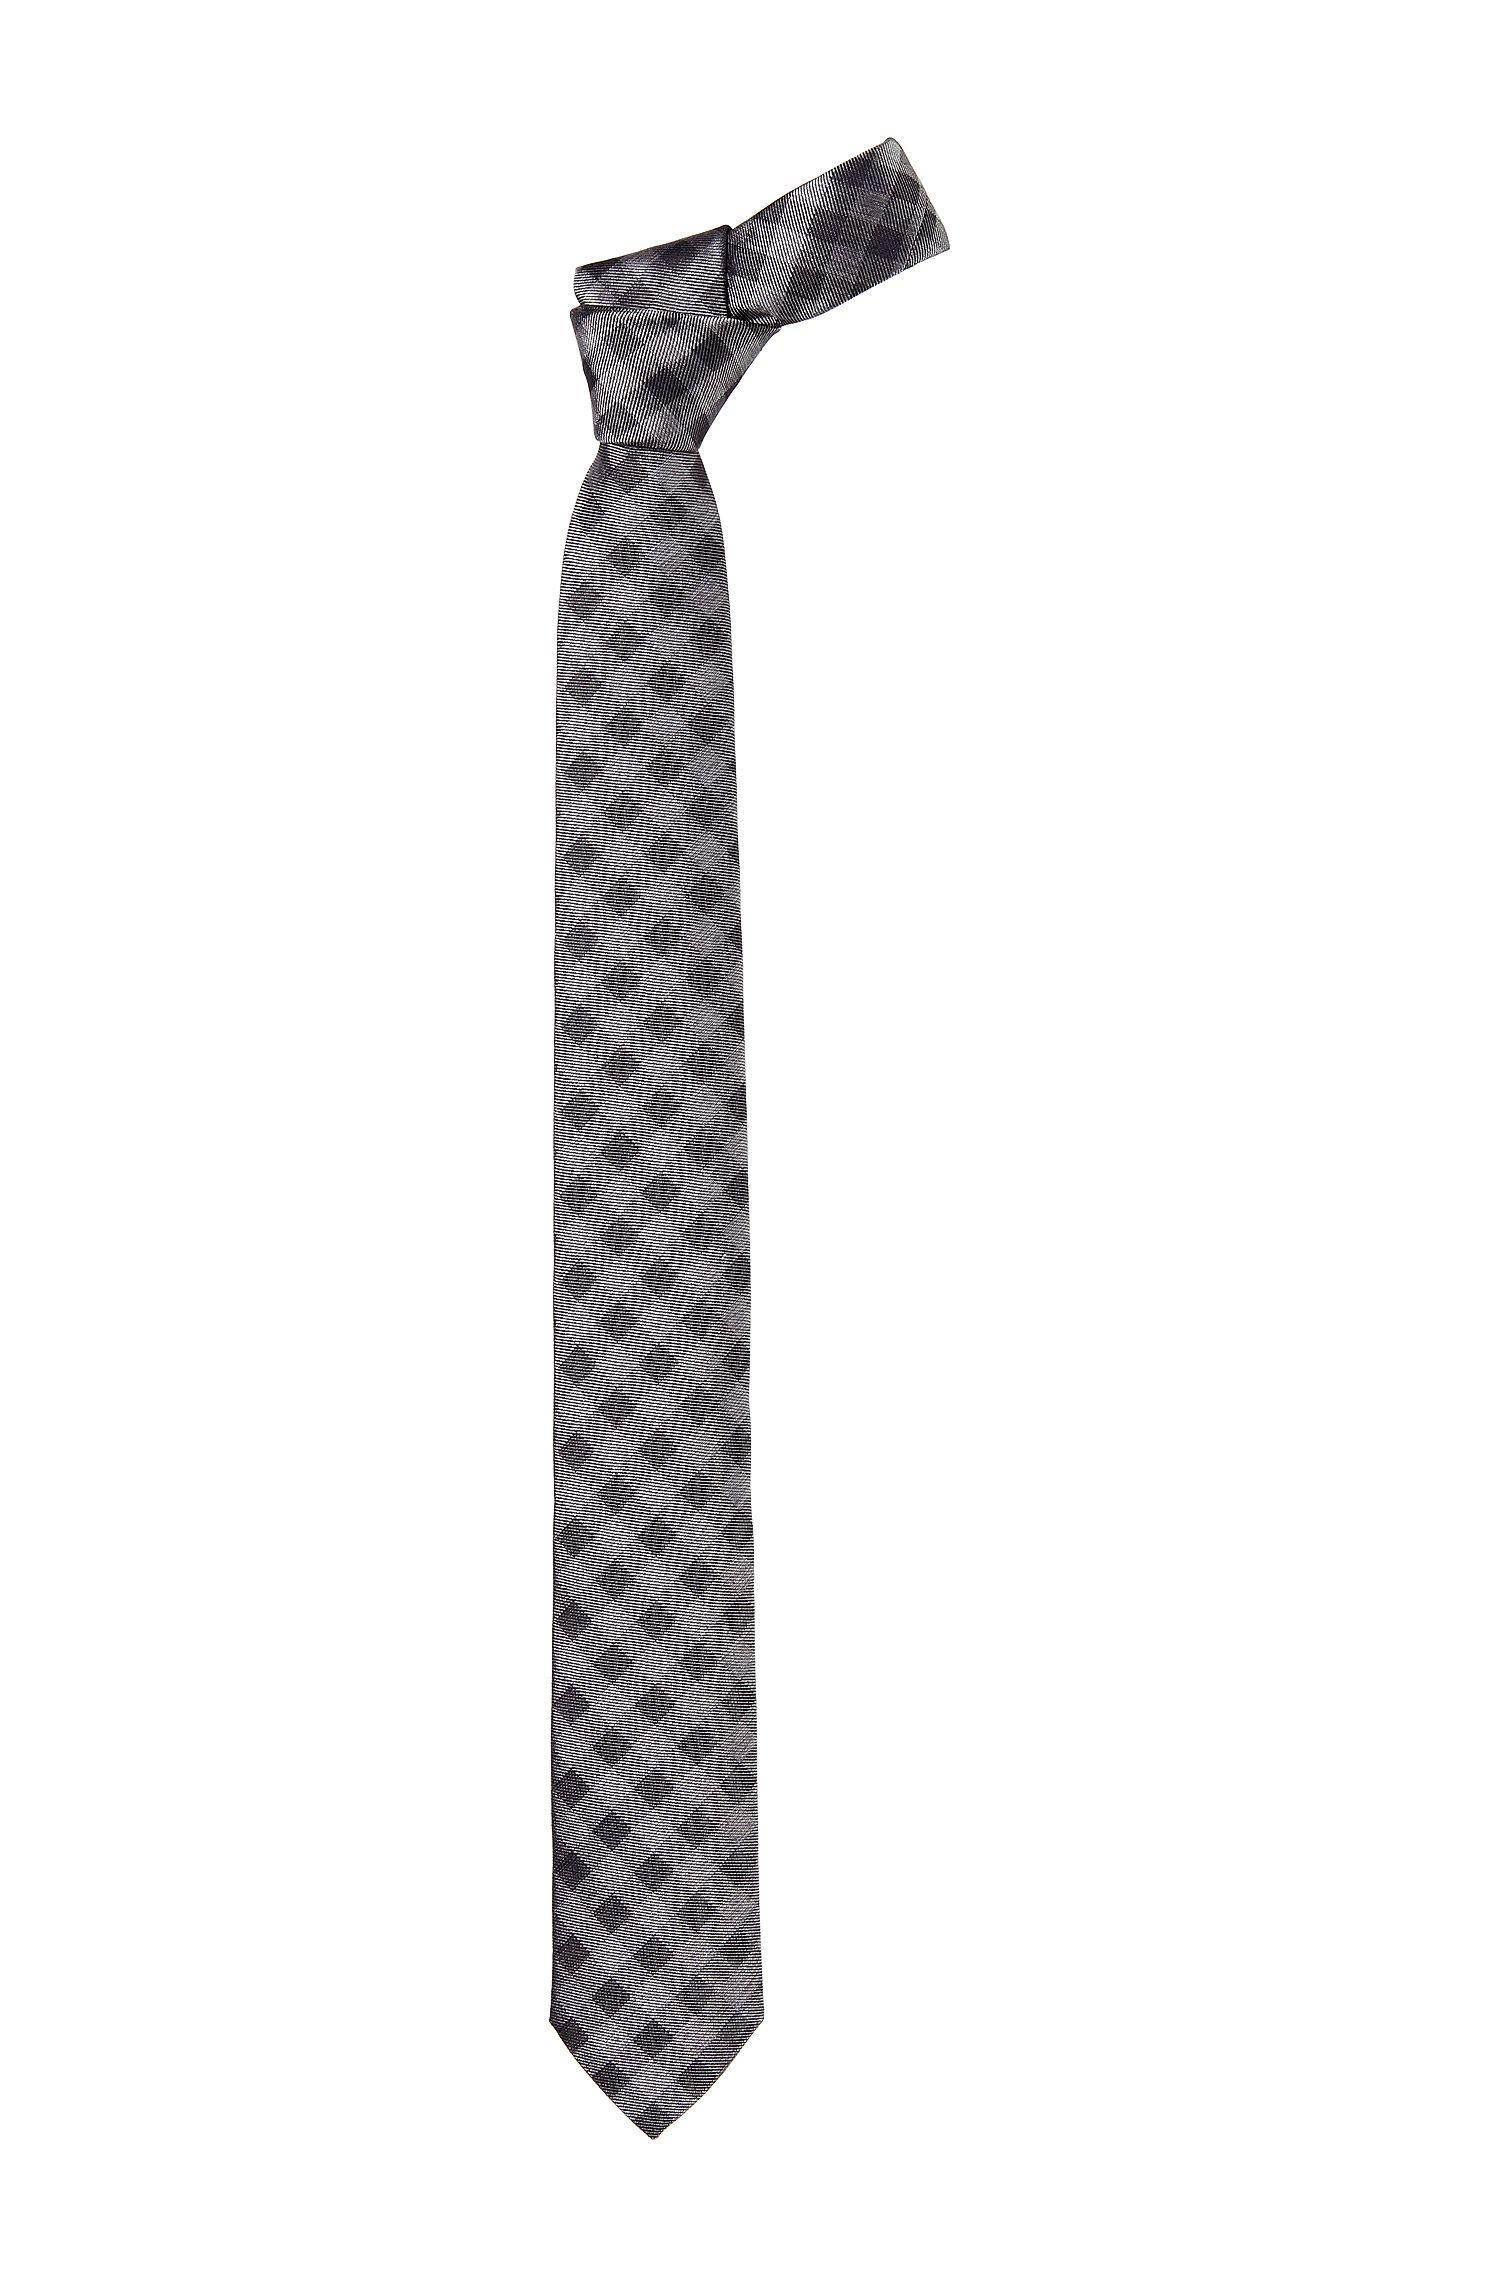 Cravate à carreaux munie d'un passant, Tie 6cm